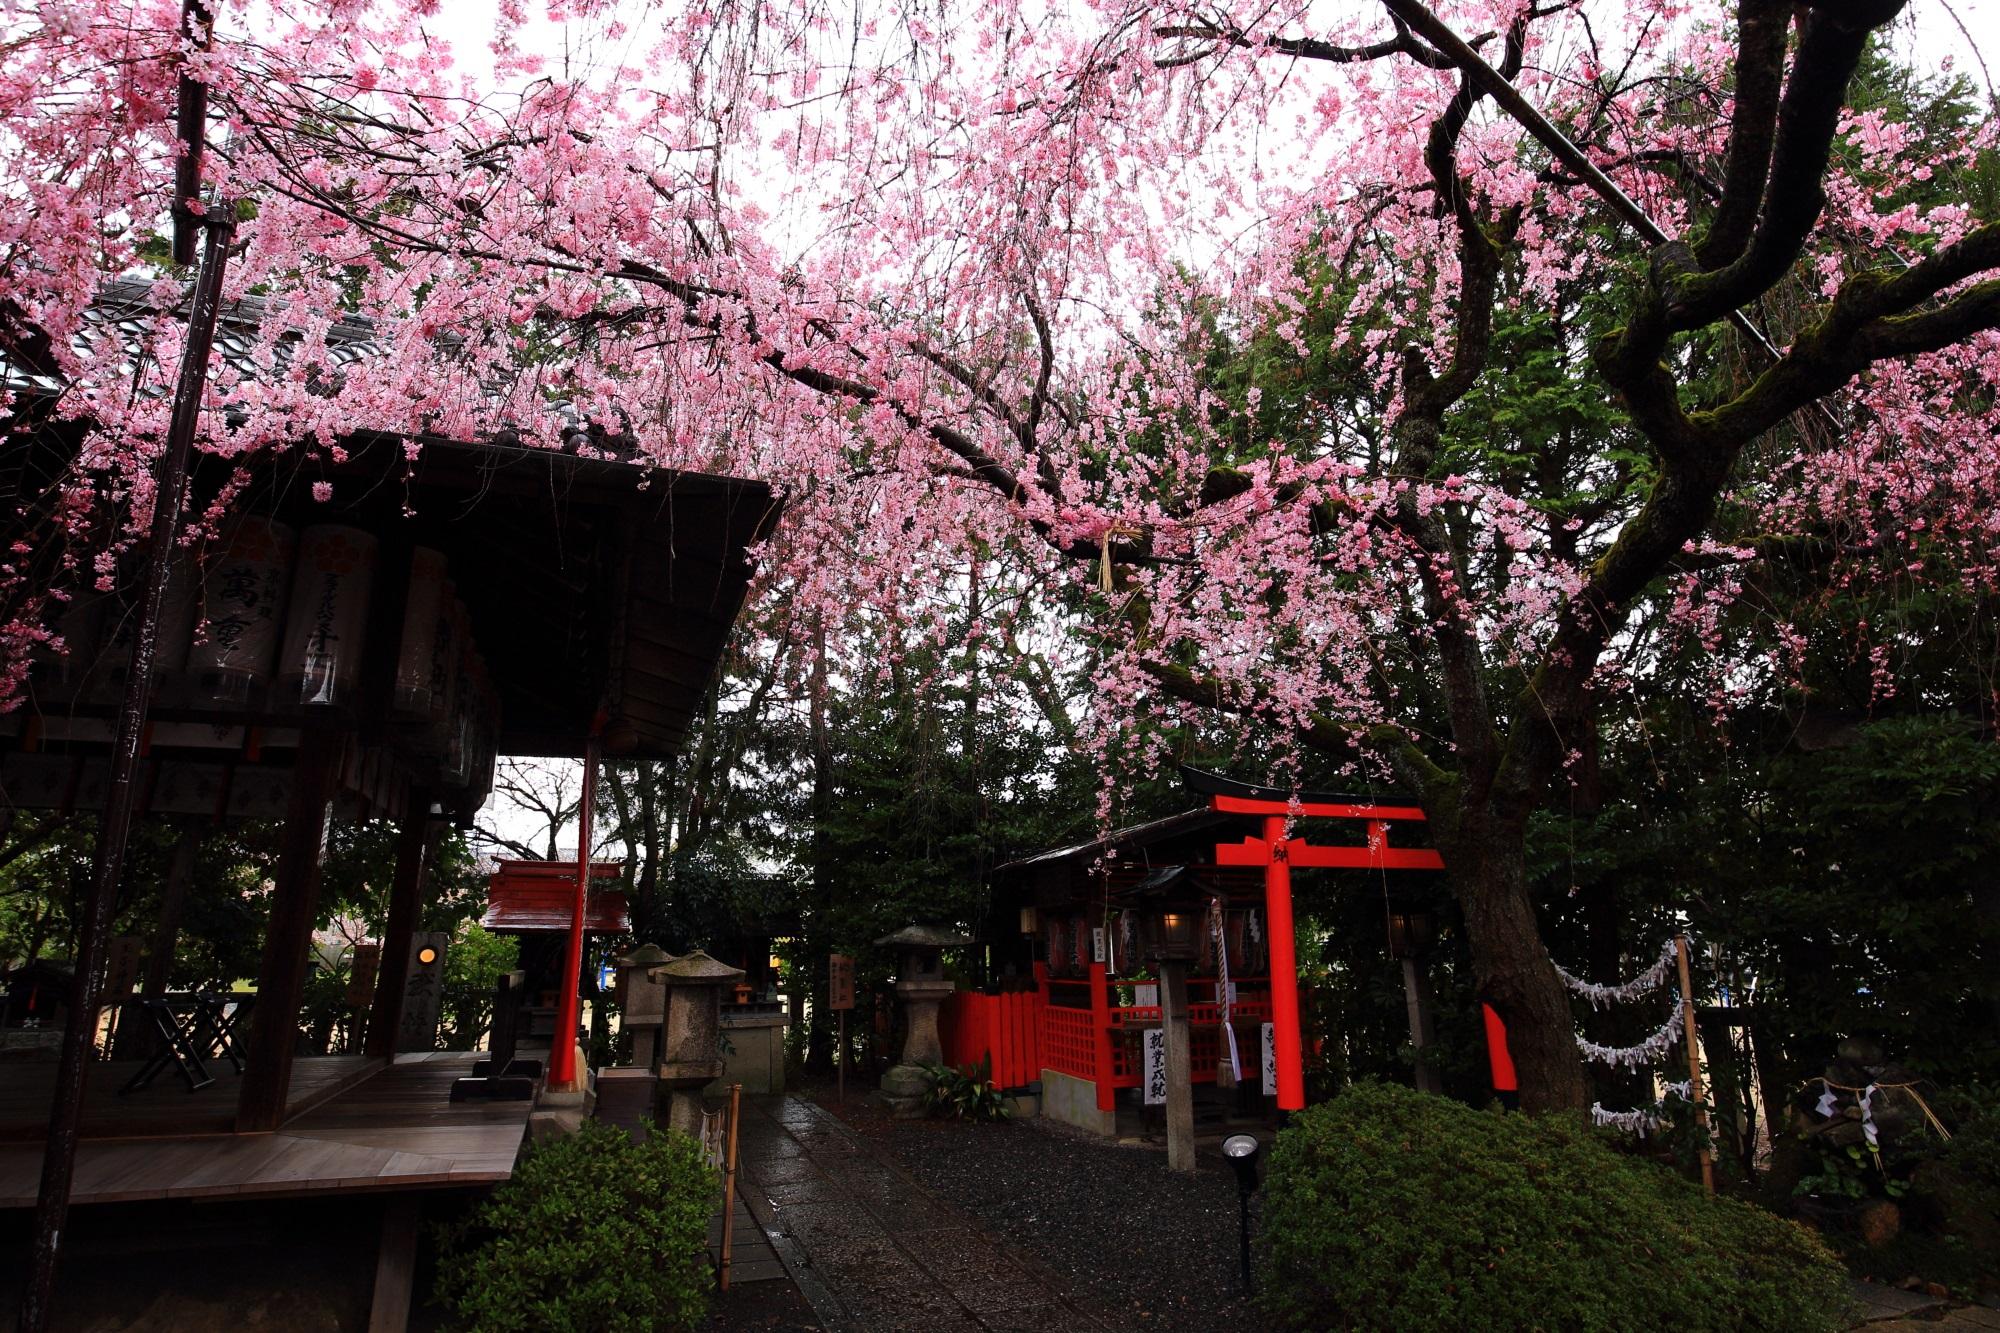 こんなに凄い桜があるのに誰もおらず貸切状態の水火天満宮